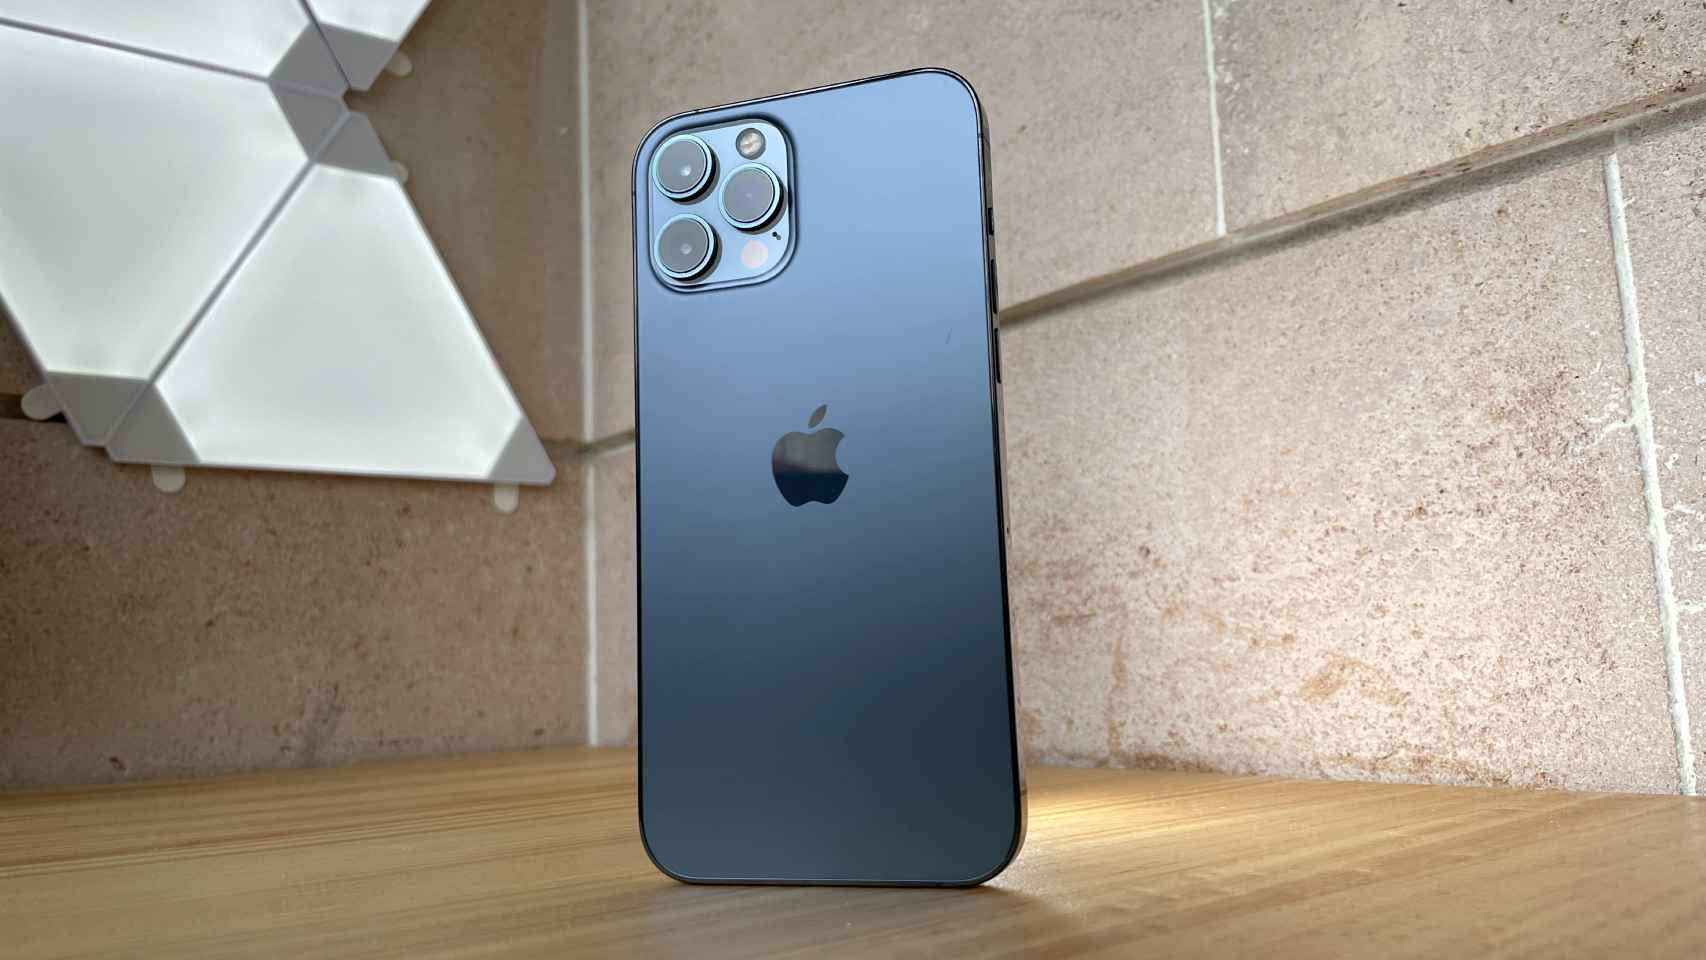 El iPhone 12 Pro Max es uno de los mejores móviles del mercado.